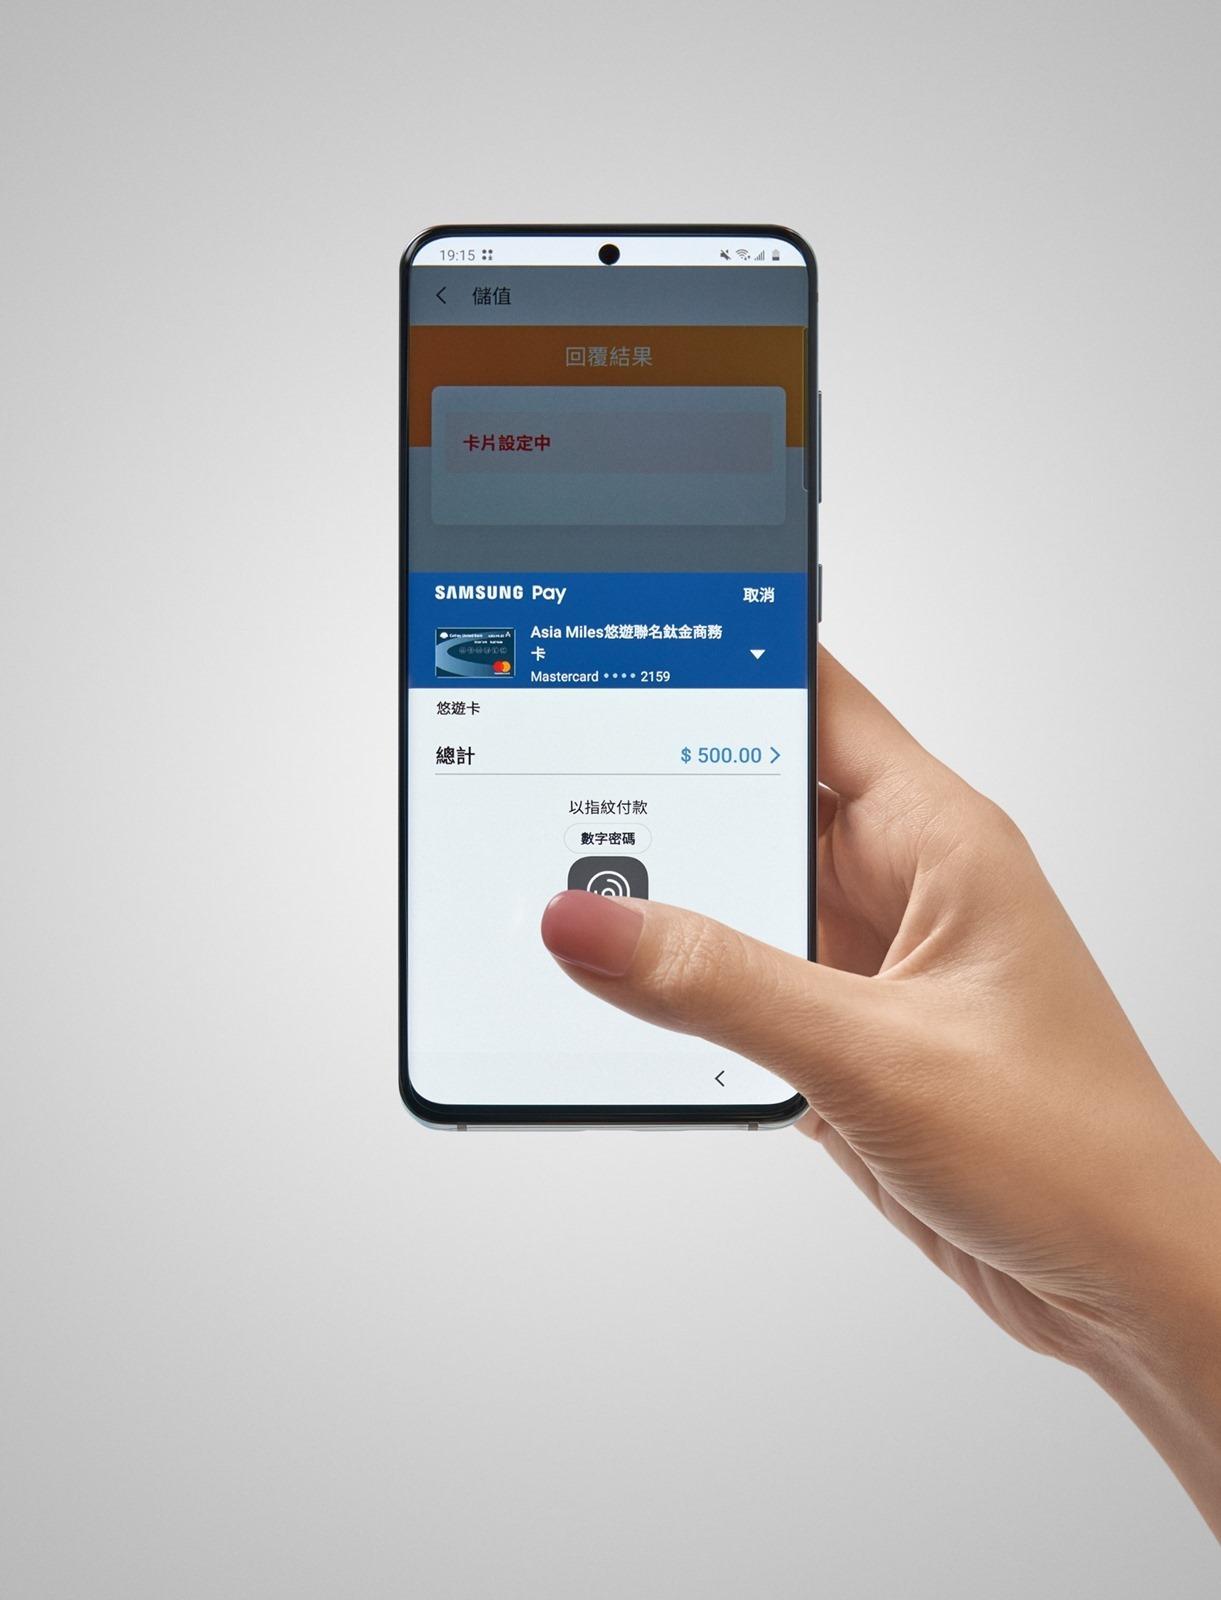 完美手機悠遊卡來了!Samsung Pay 悠遊卡全台首發!支援機型 / 優惠資訊 @3C 達人廖阿輝